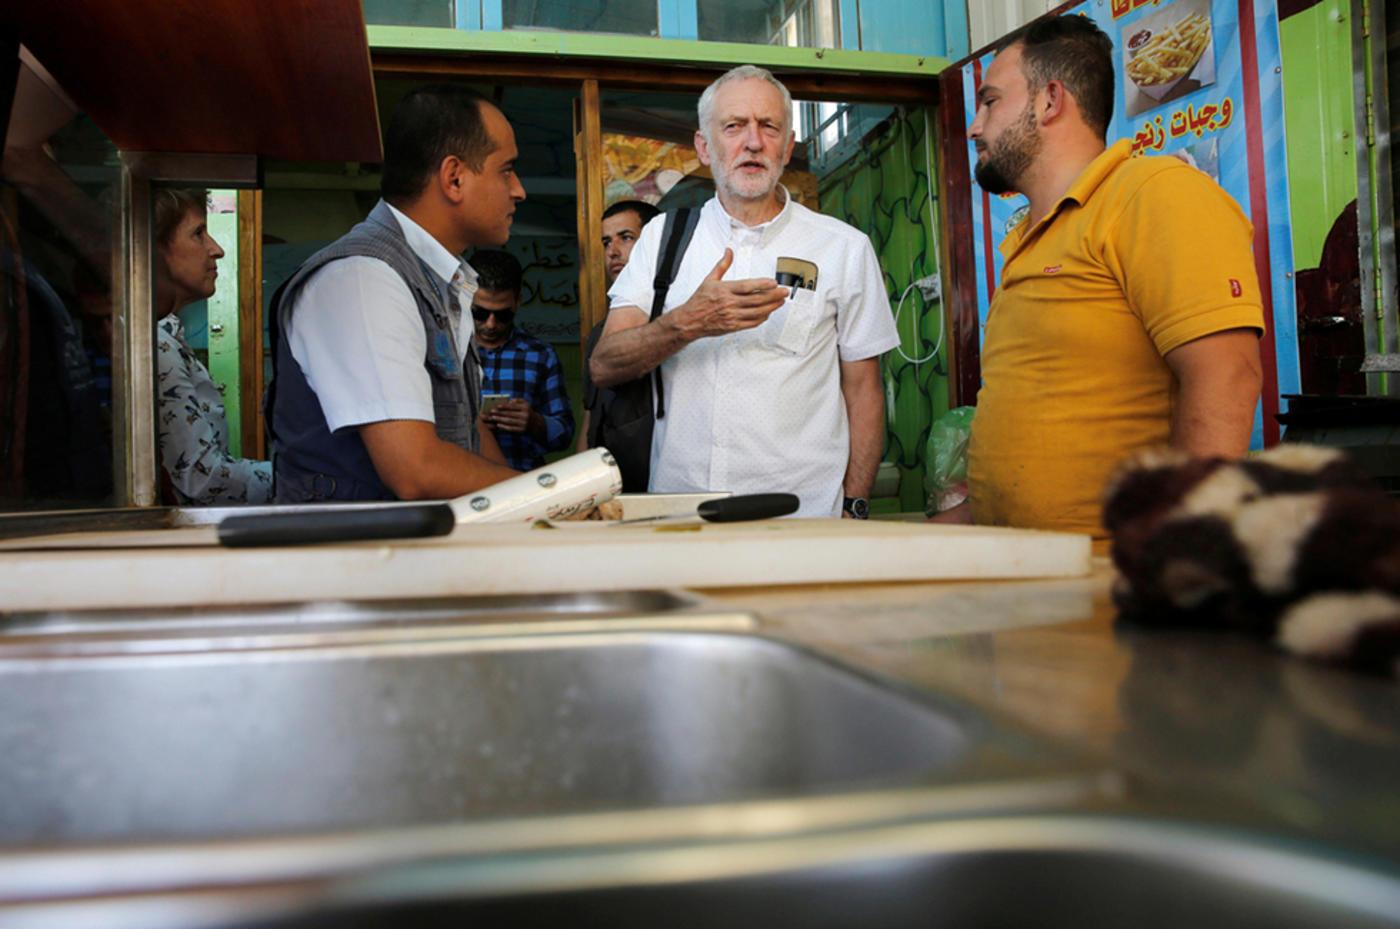 Jeremy Corbyn visits refugee camp in Jordan, calls on UK to